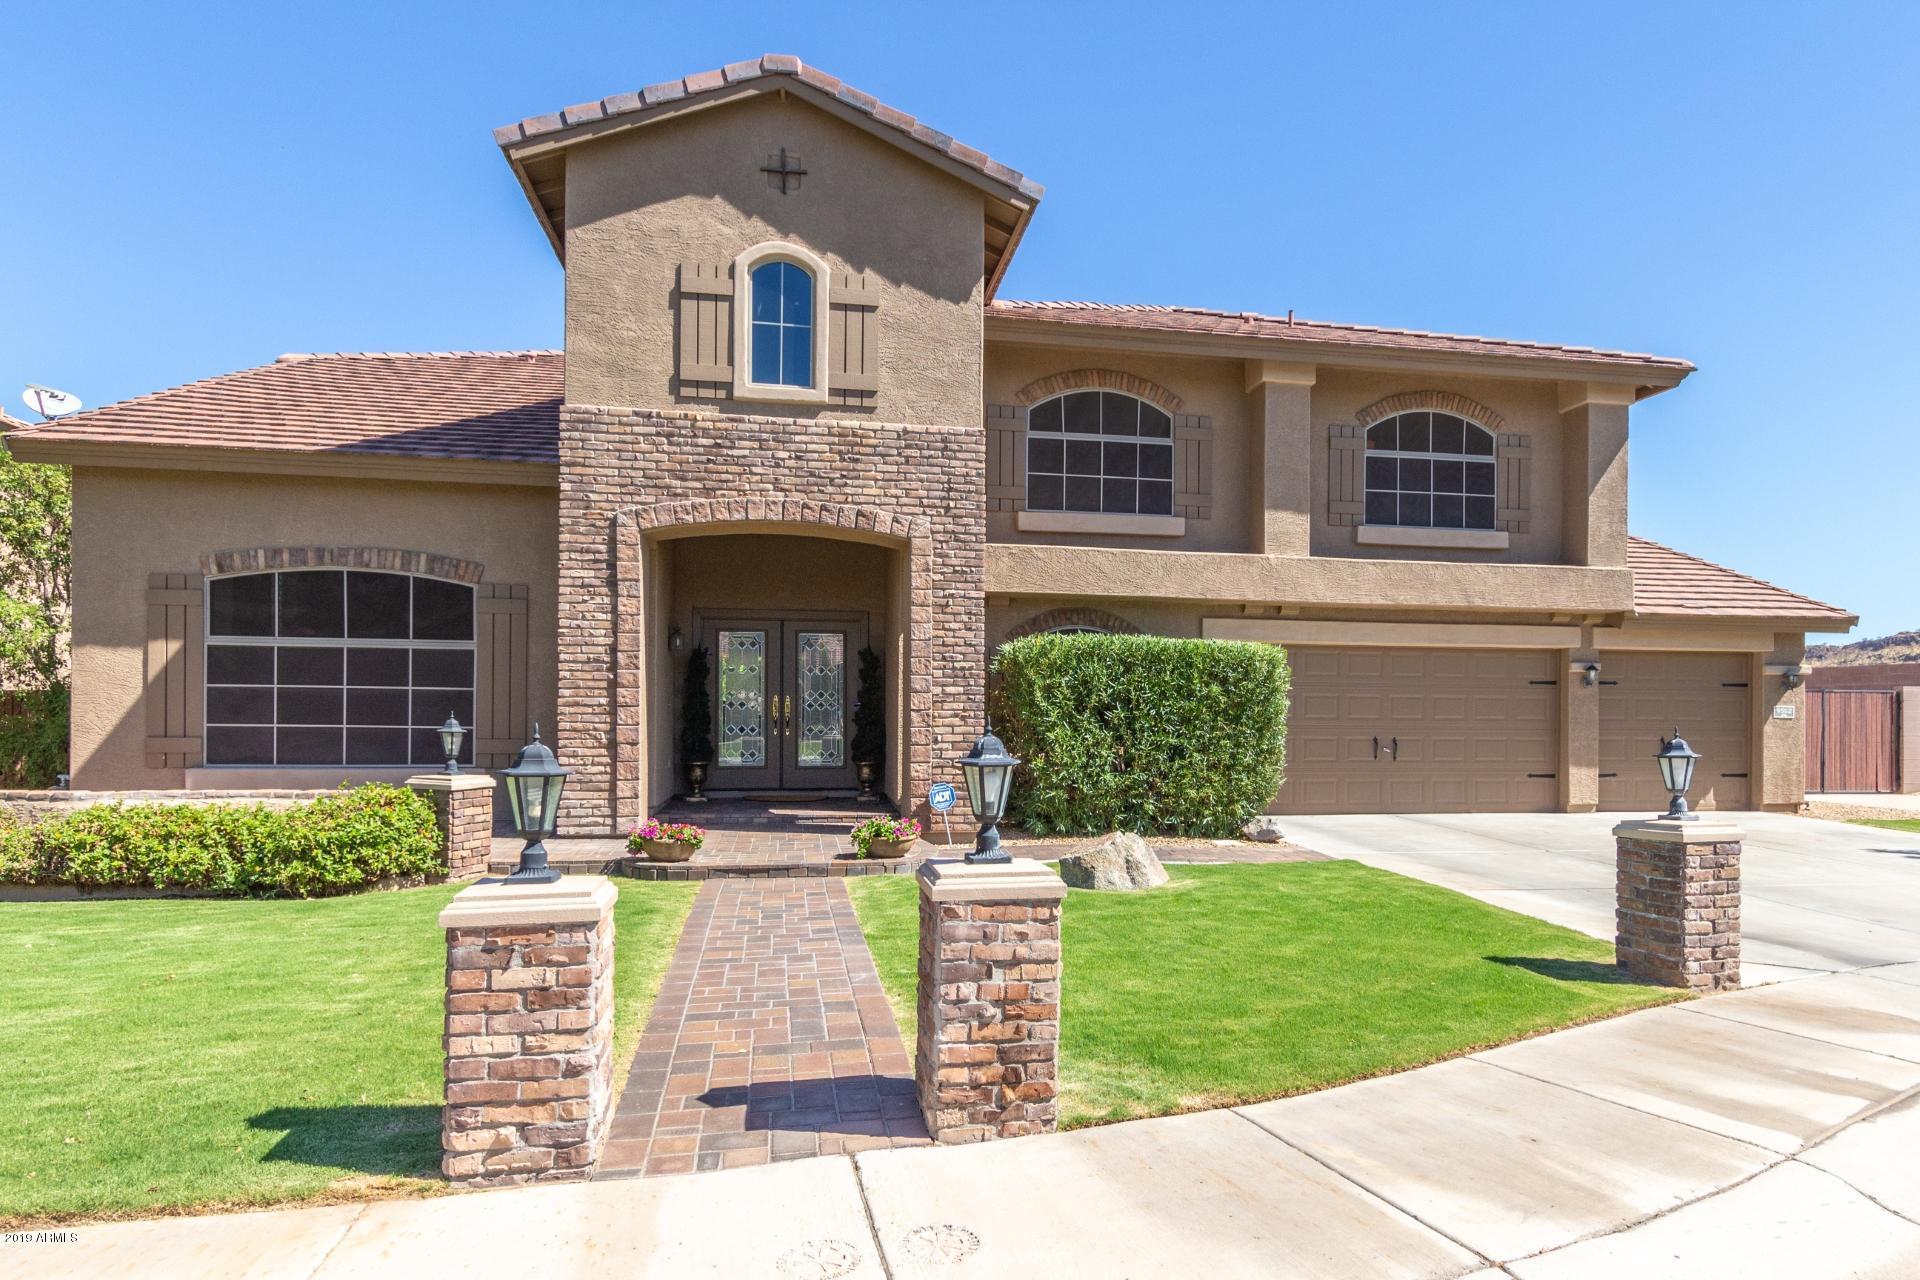 9502 W OBERLIN Way, Peoria, Arizona